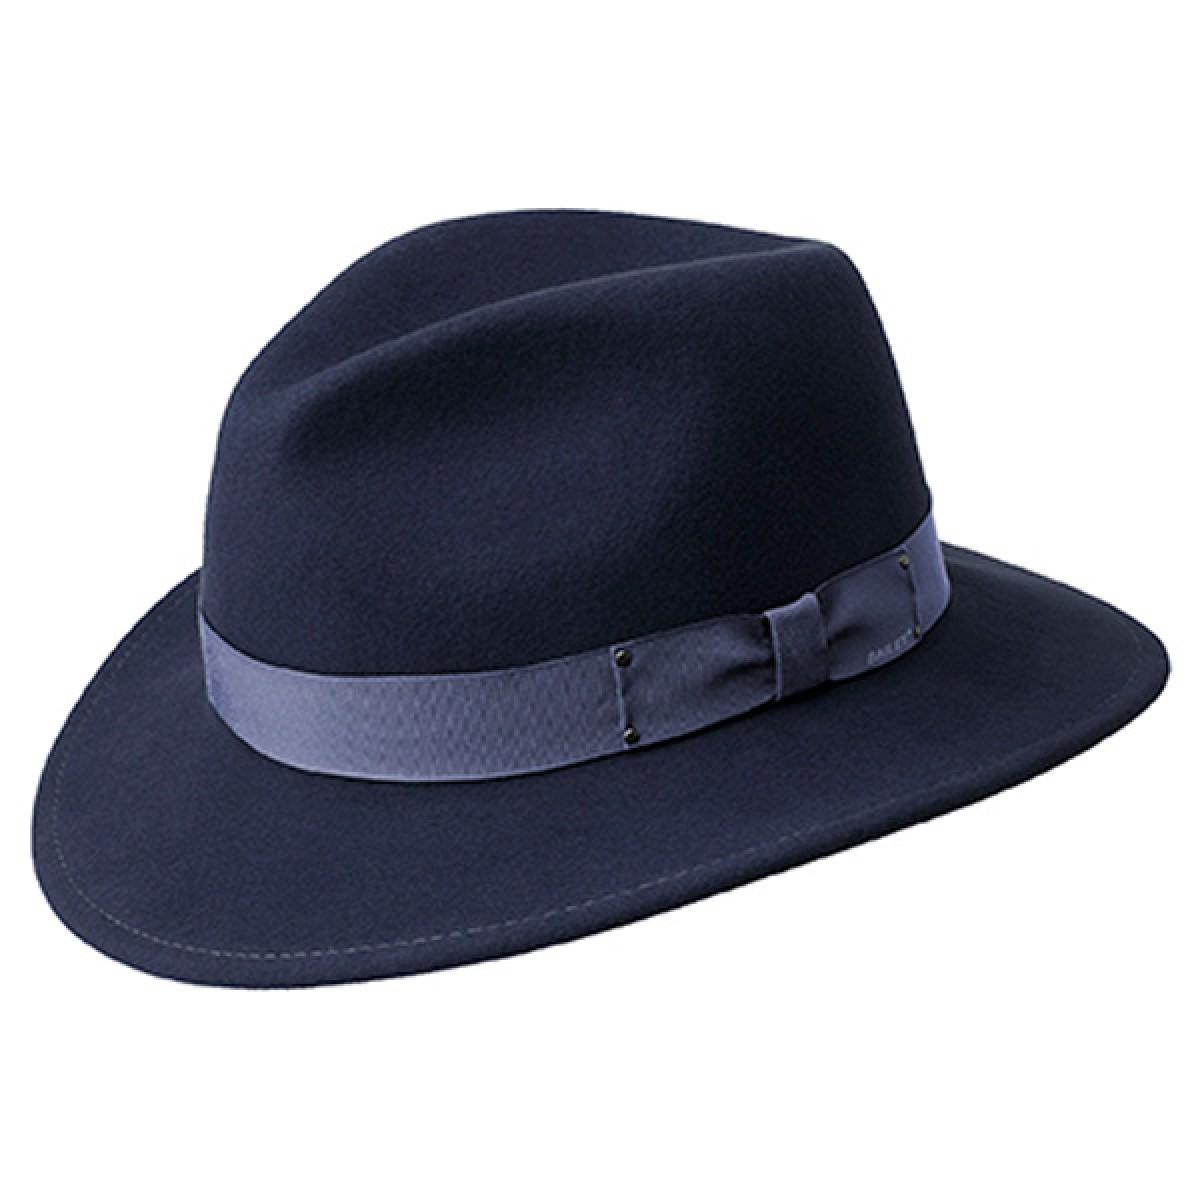 9a7108ffb52376 Curtis Wool Felt Fedora Hat BY BAILEY – World Hats